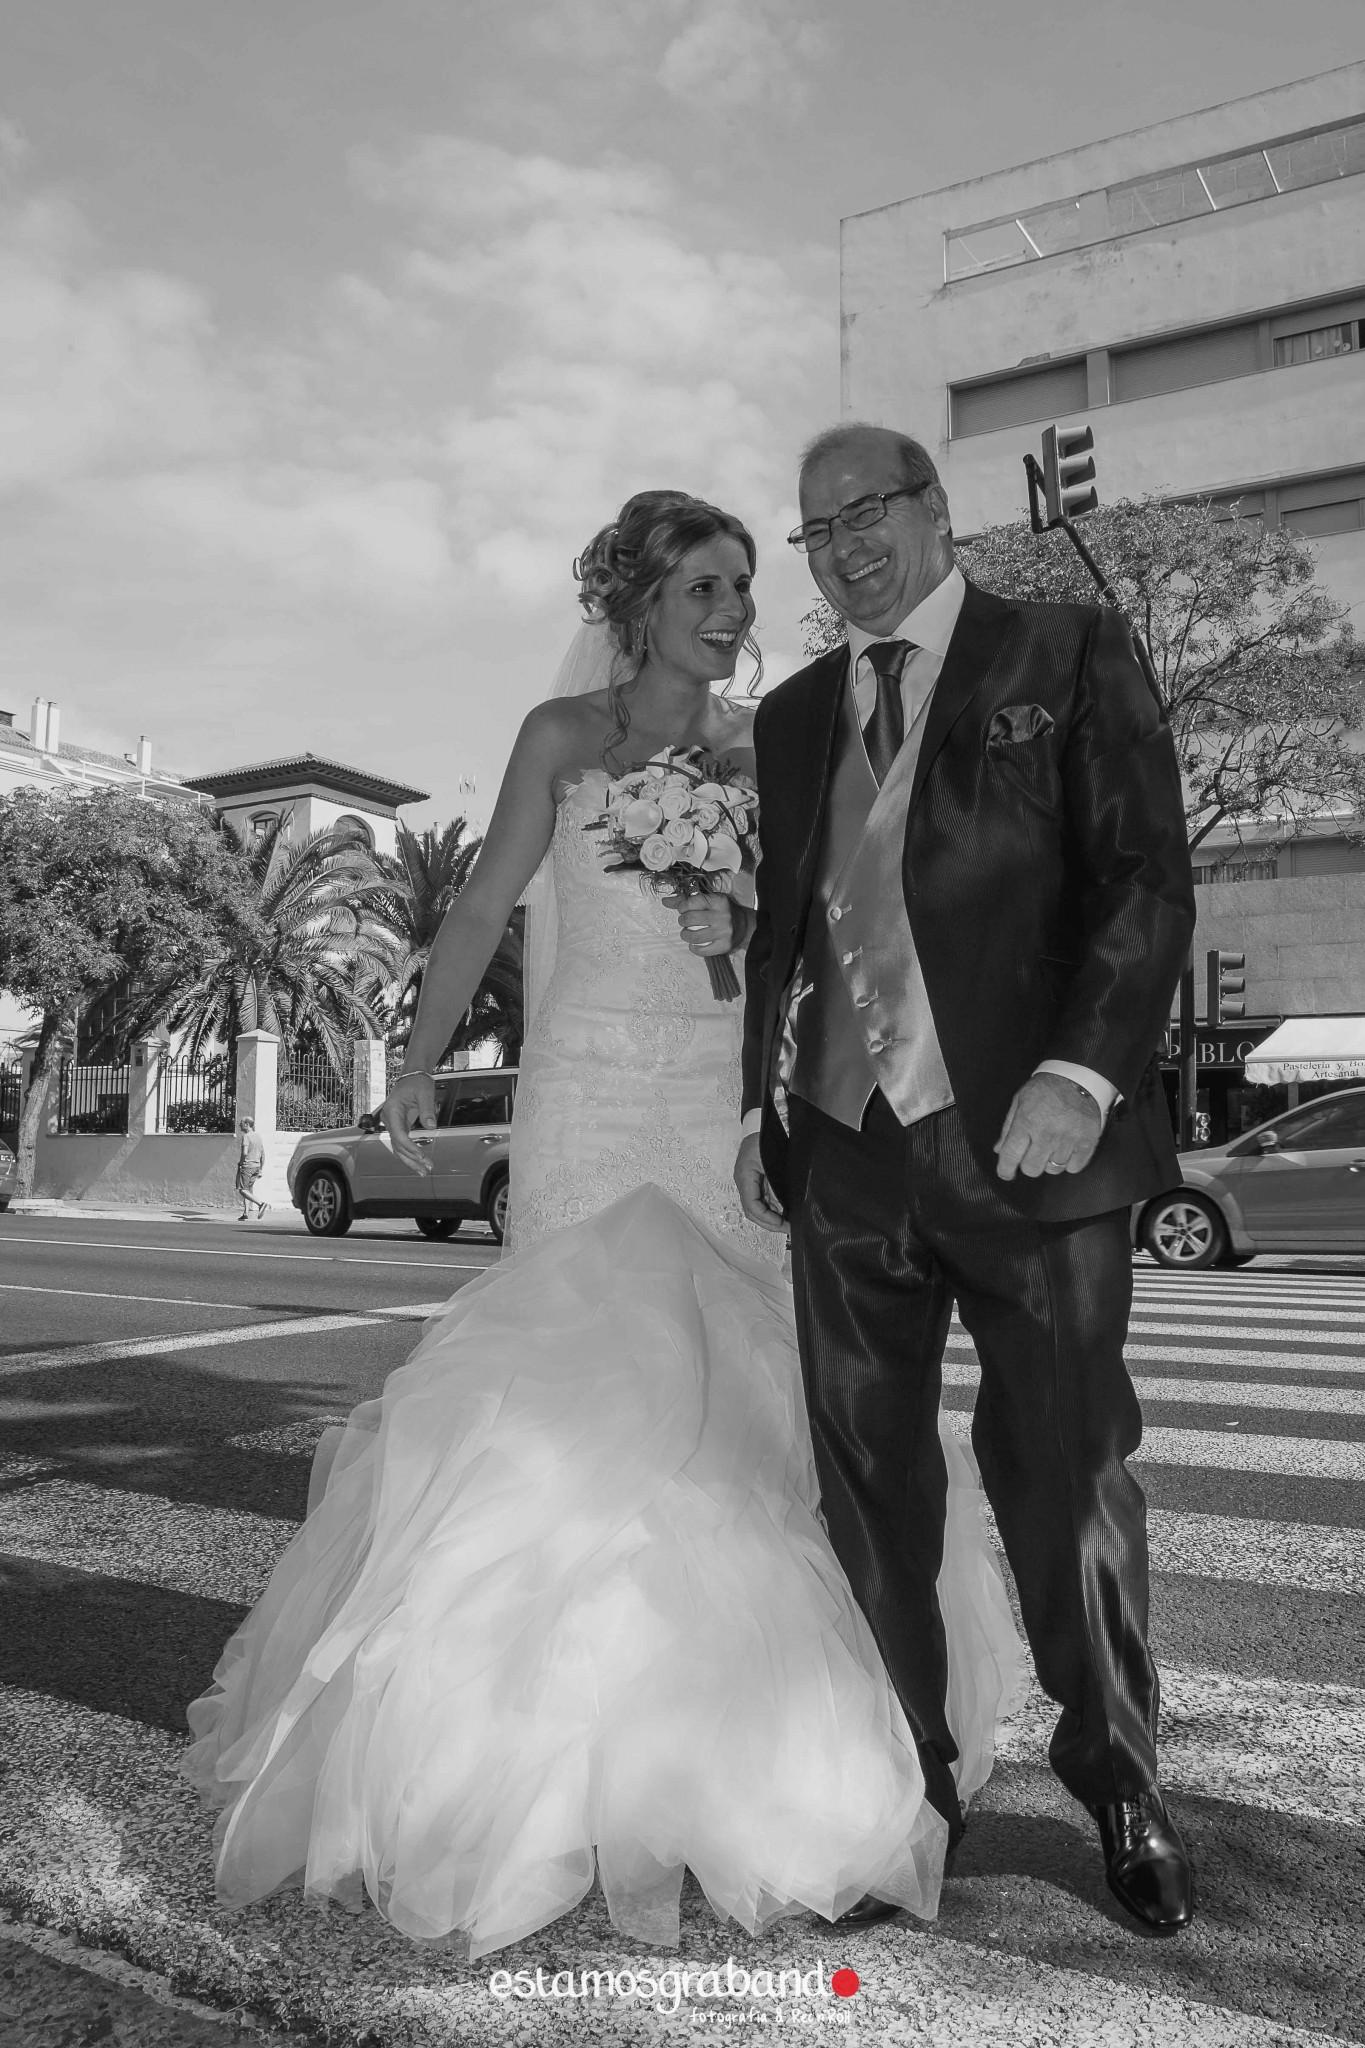 fotografia-de-boda_boda-en-cadiz_reportaje-de-fotos_boda-miriam-y-jesus-8 Emotions made in Cádiz [Fotografía de bodas en Cádiz] - video boda cadiz